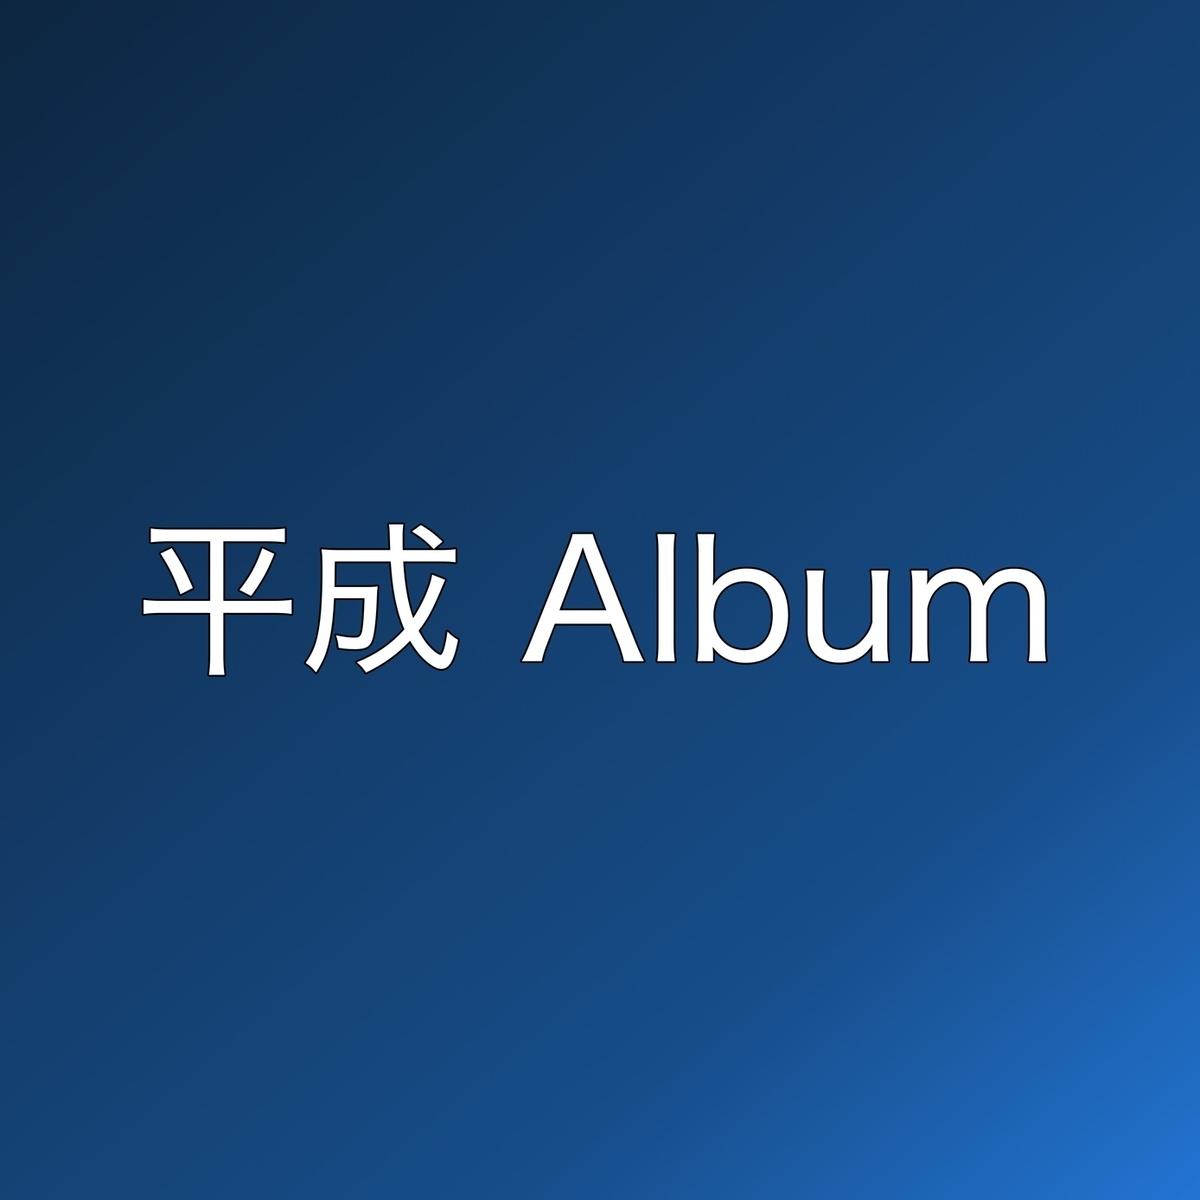 ネットの音楽オタクが選んだベスト平成アルバム 150→101の画像